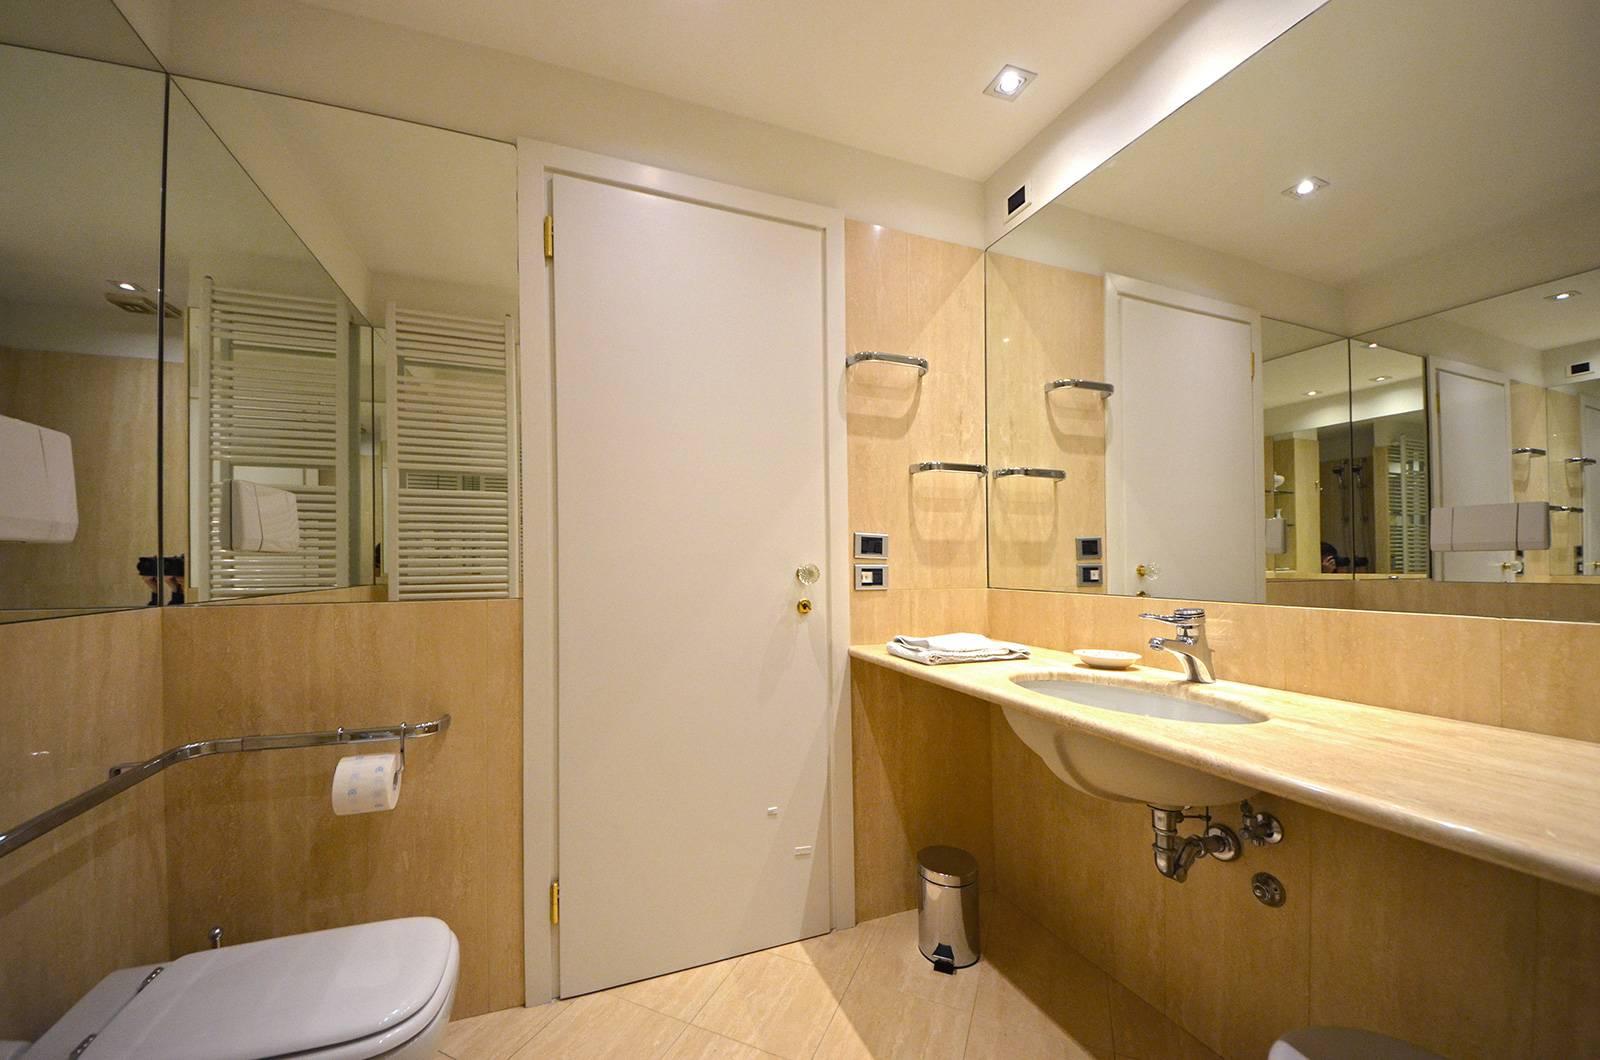 main marble bathroom with bathtub